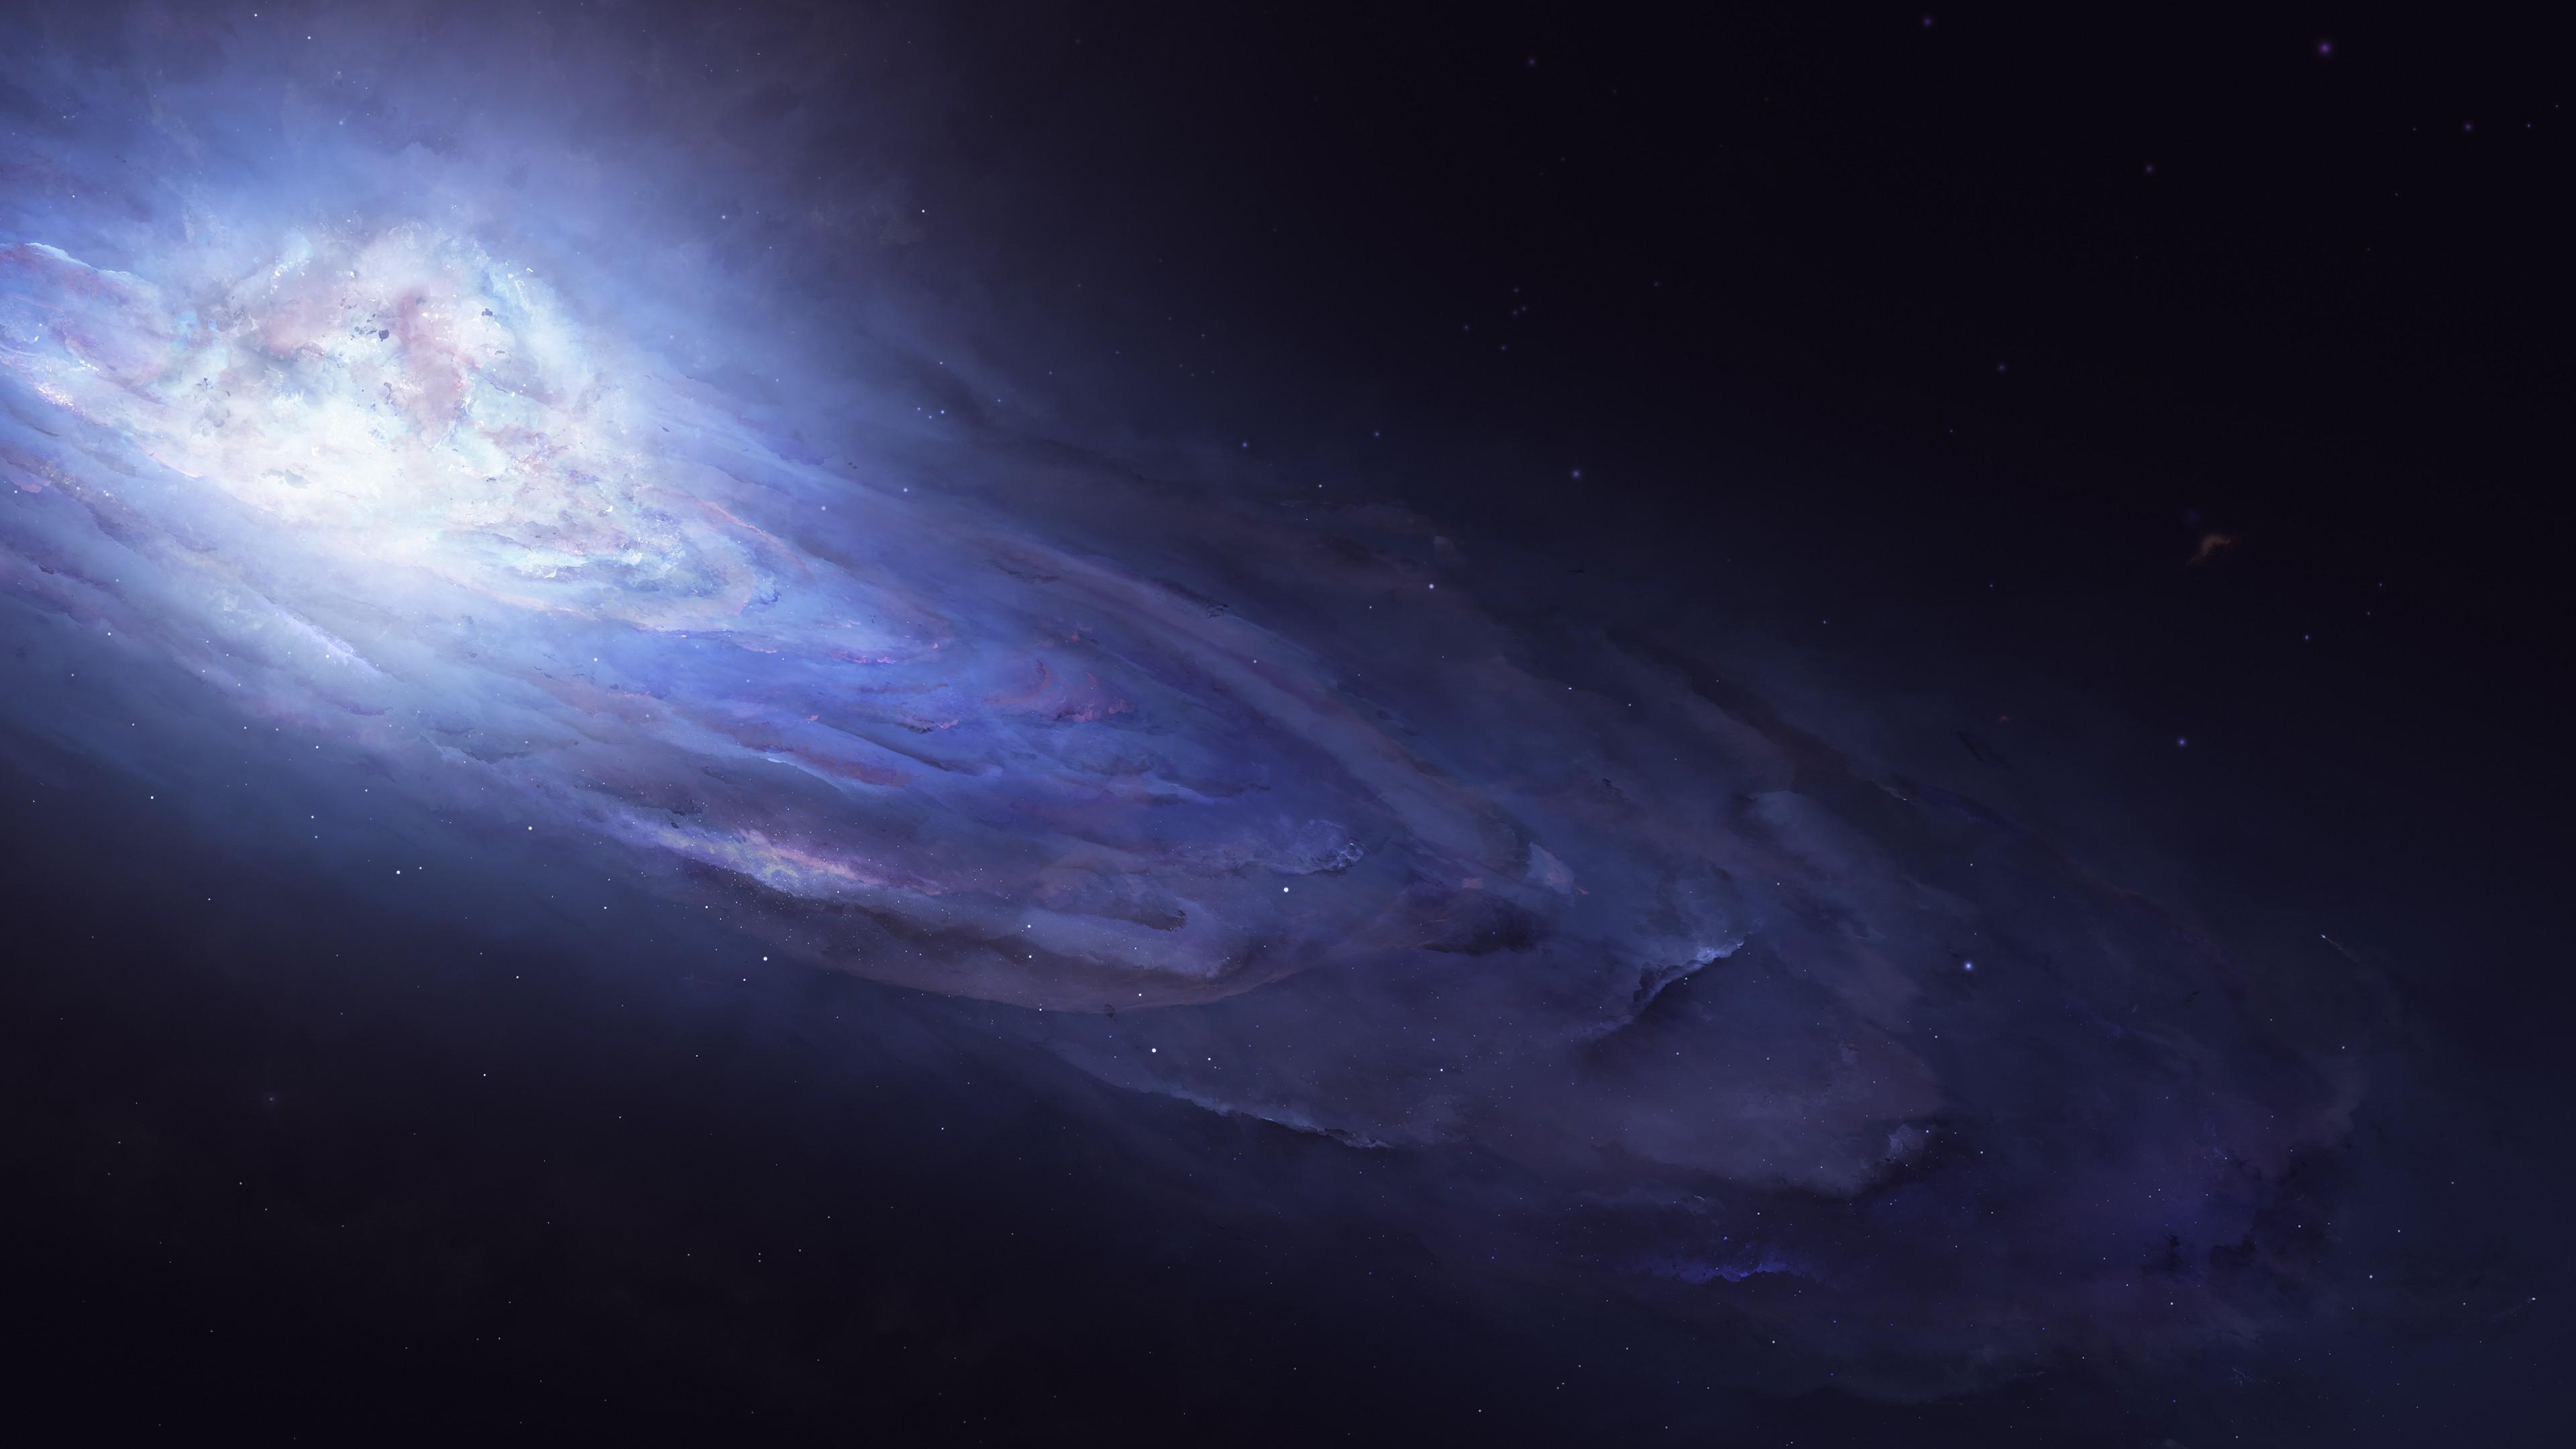 andromeda galaxy images - HD1920×1080